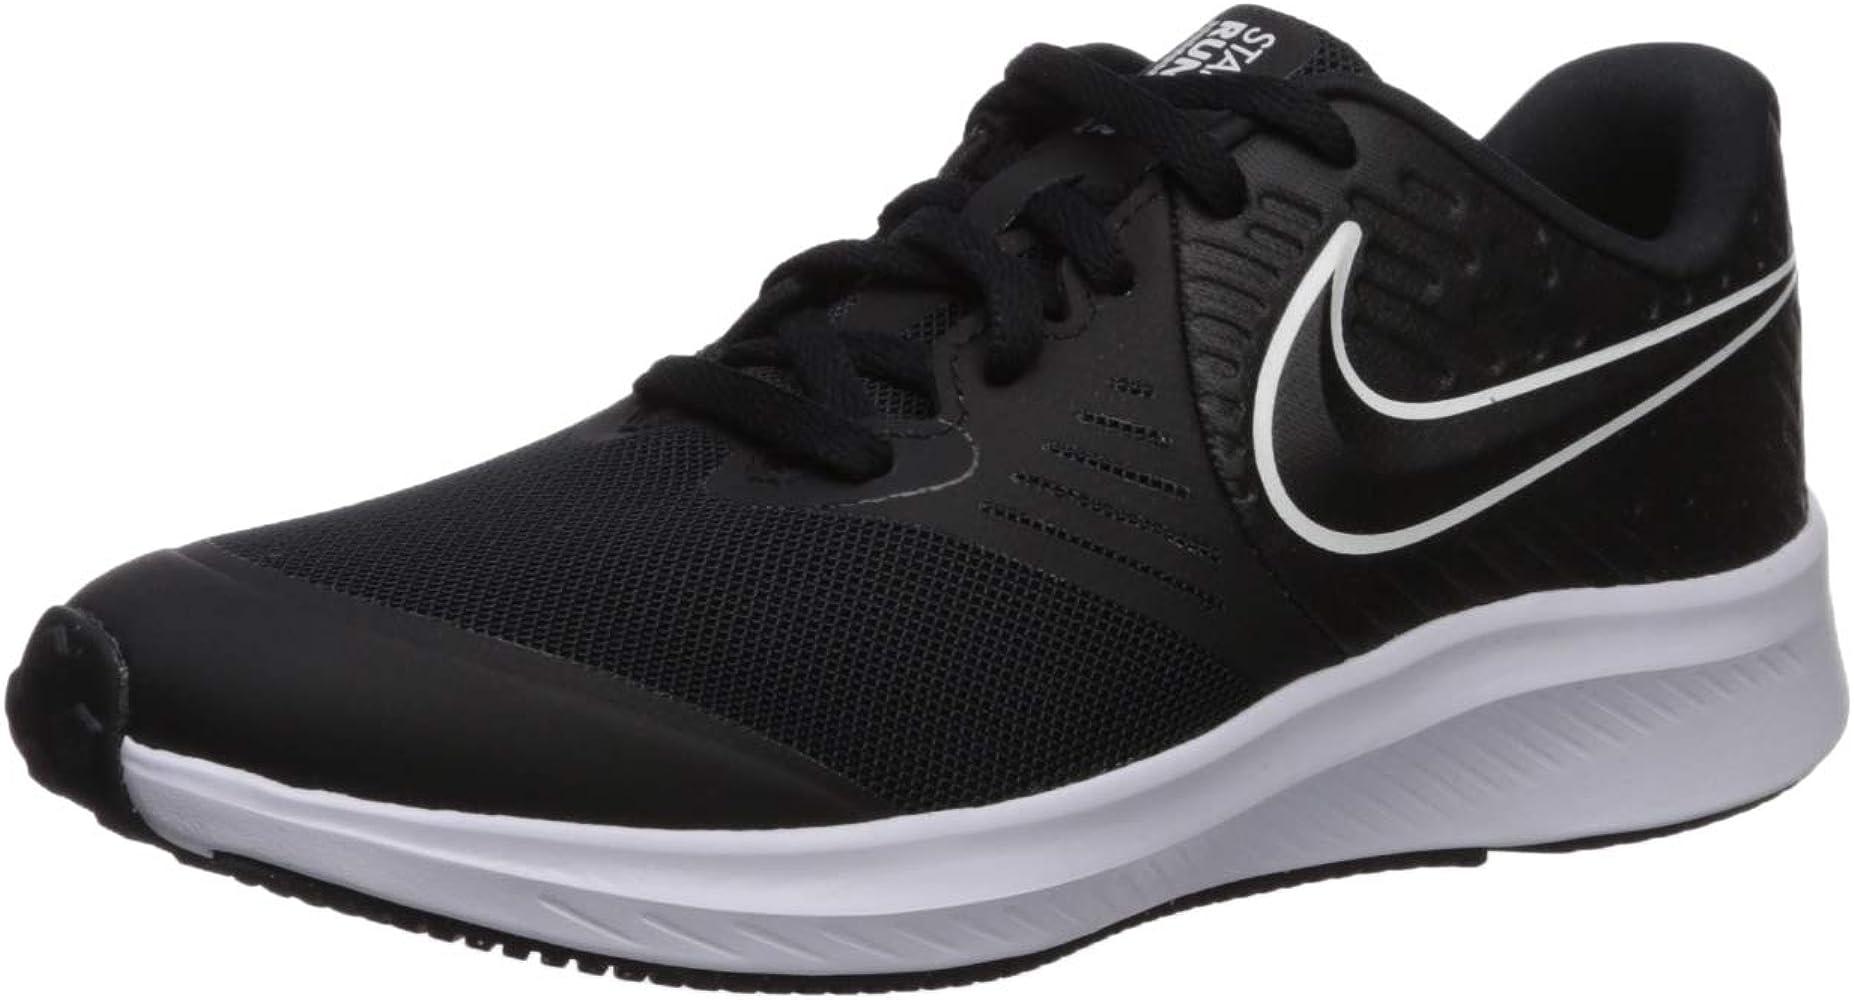 Nike NIKE STAR RUNNER 2 (GS), Unisex